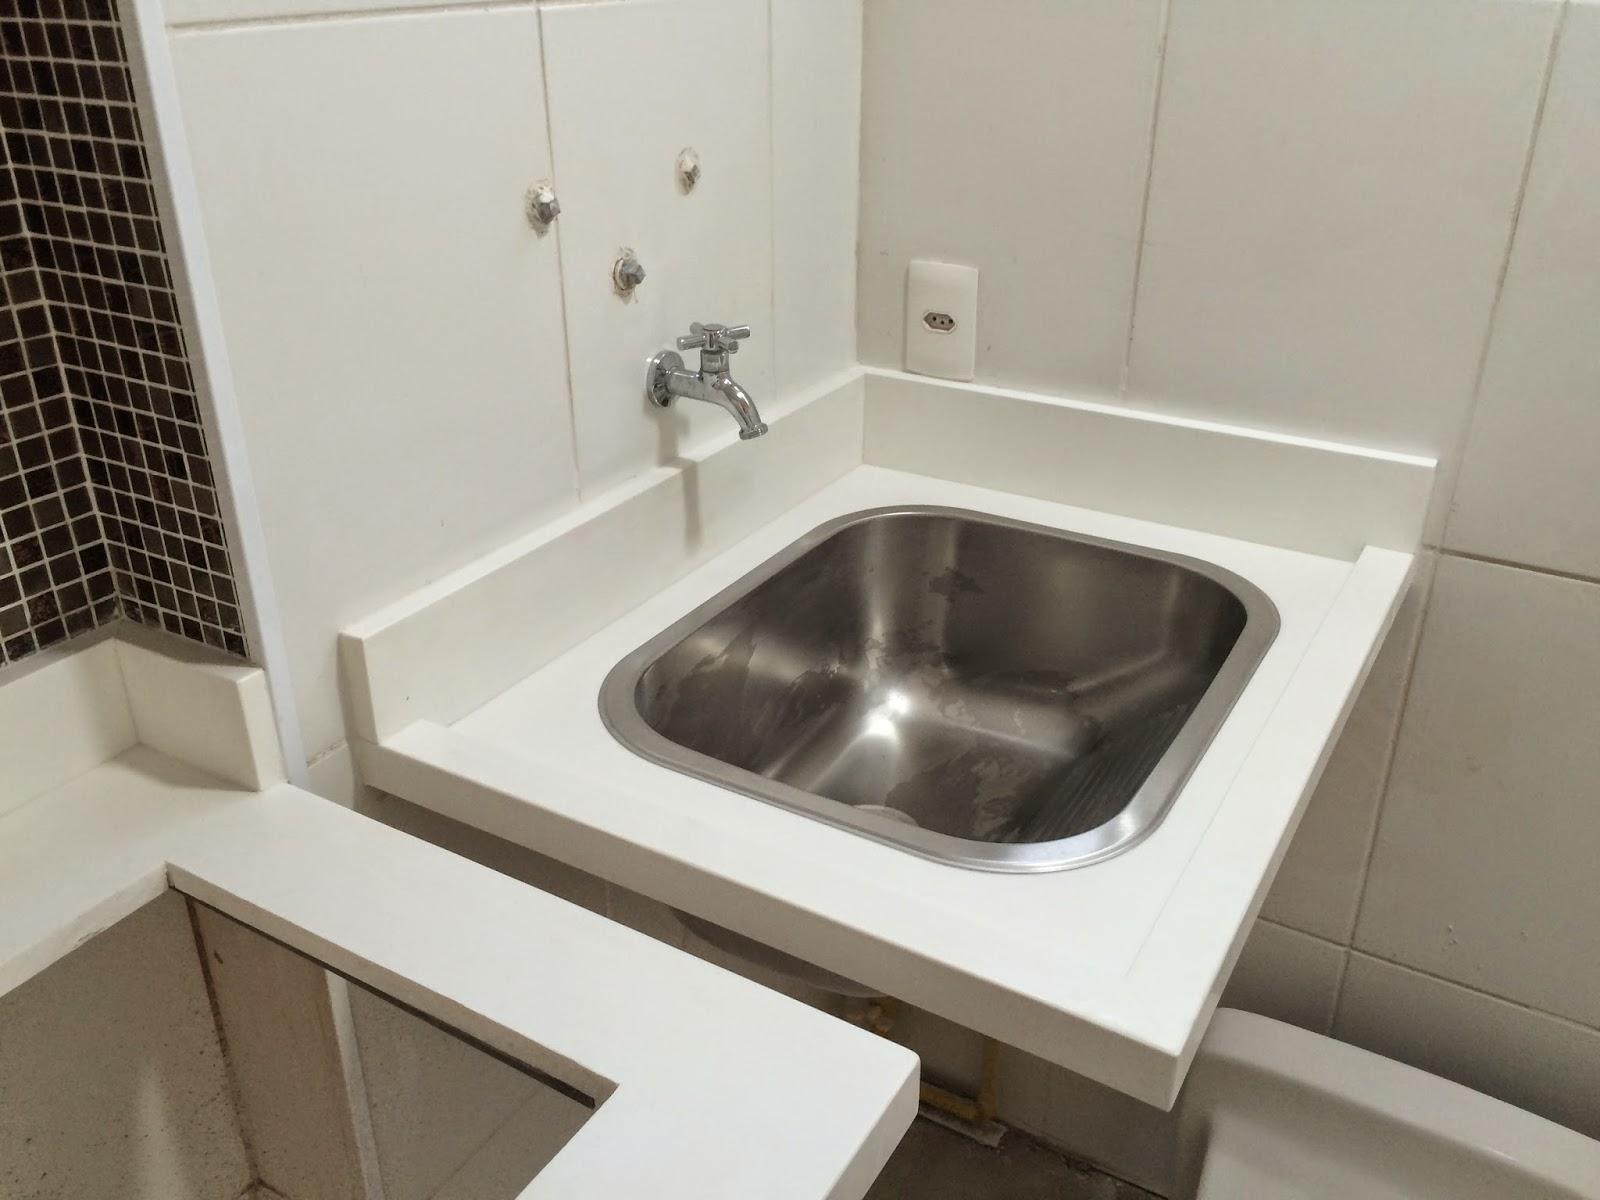 Apê 114: Bancada da Cozinha e Área de Serviço em Quartzo Branco #393028 1600 1200